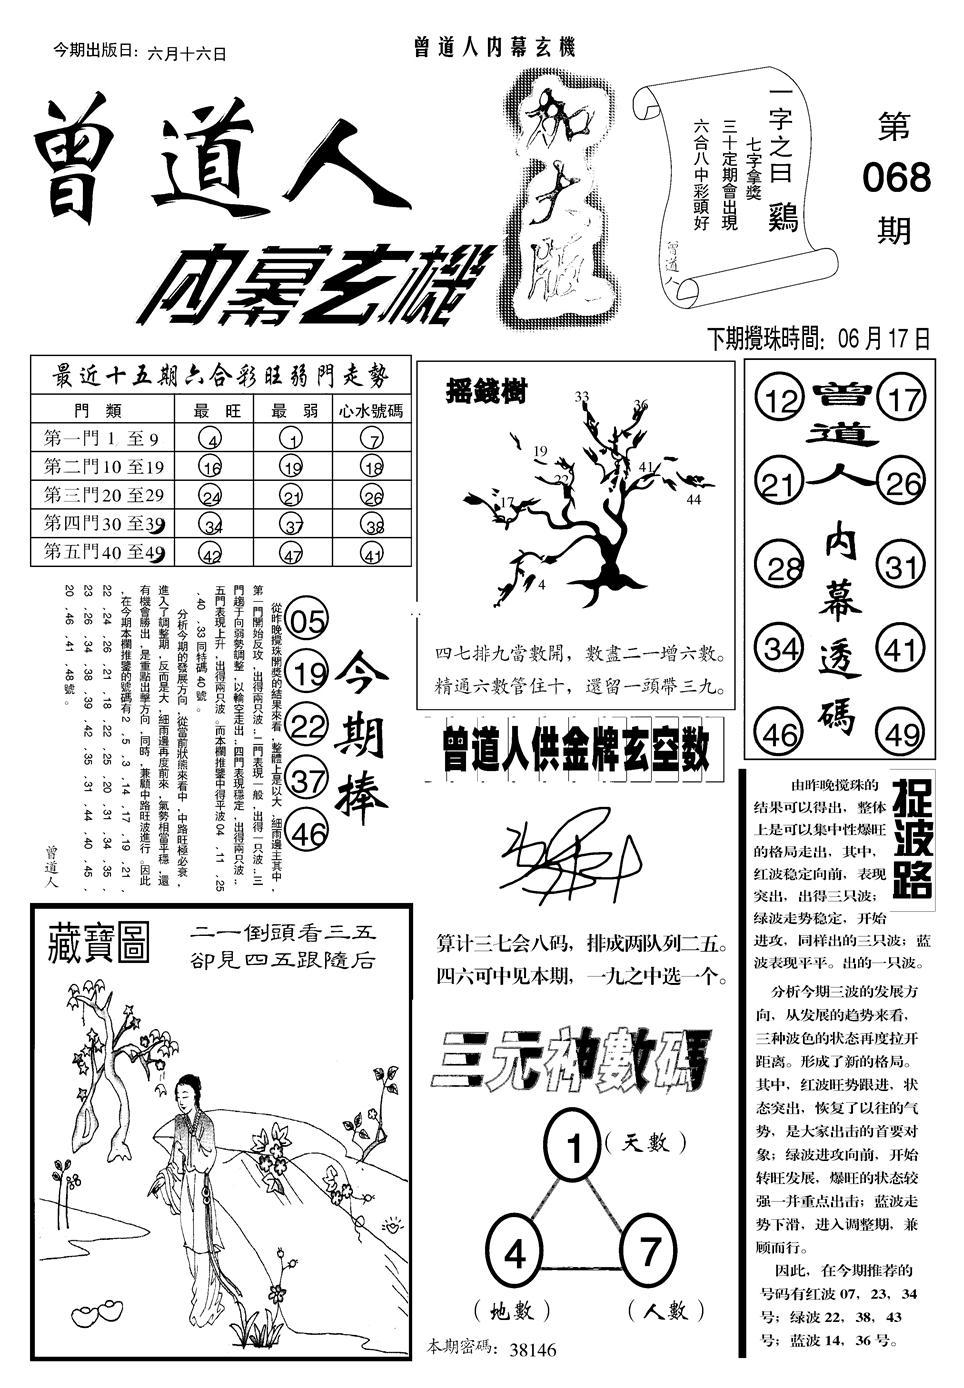 068期内幕加大A(黑白)